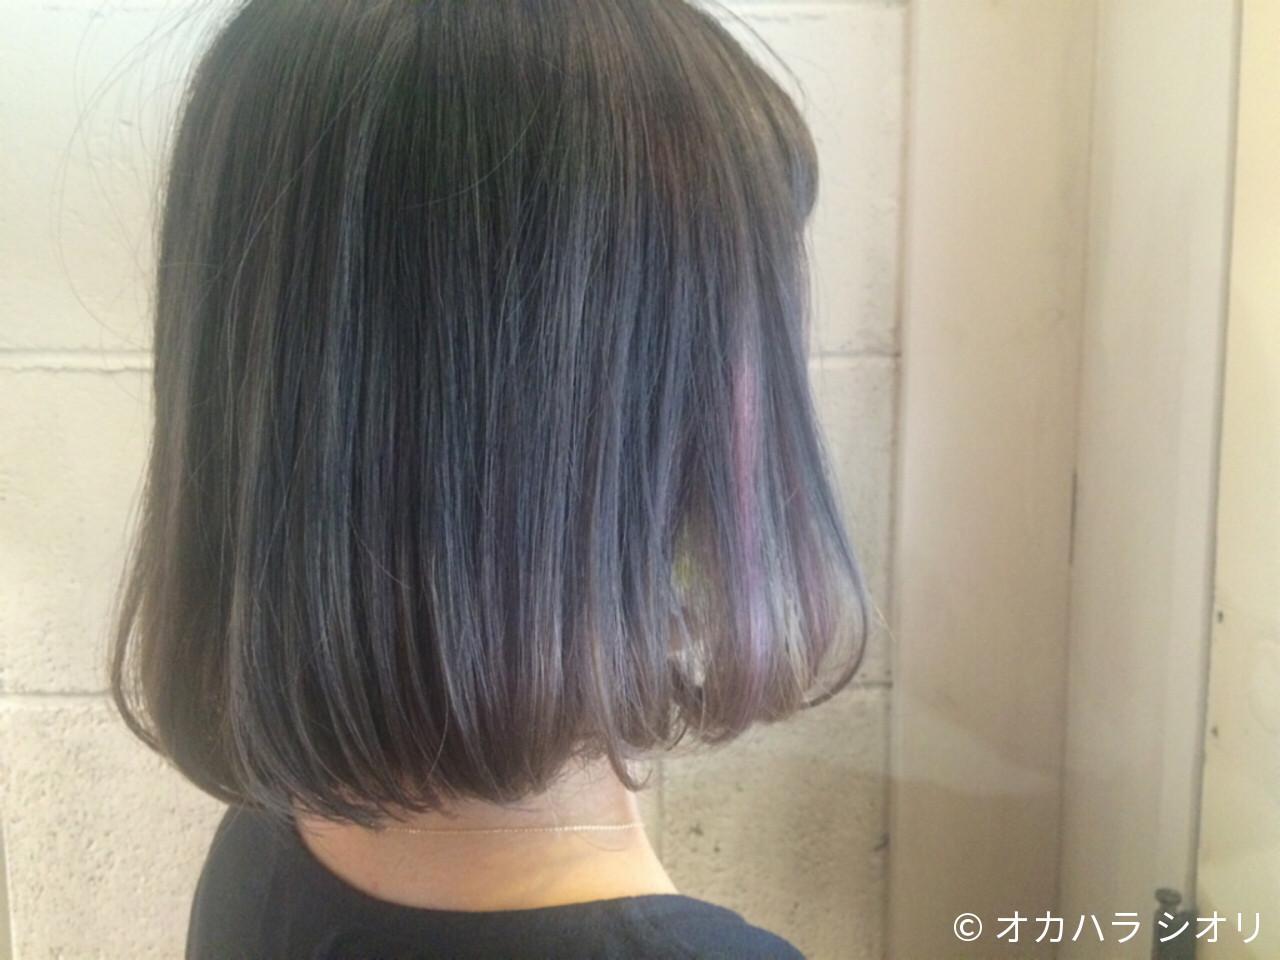 グラデーションカラー ラベンダーアッシュ ストリート アッシュ ヘアスタイルや髪型の写真・画像 | オカハラ シオリ / ninon